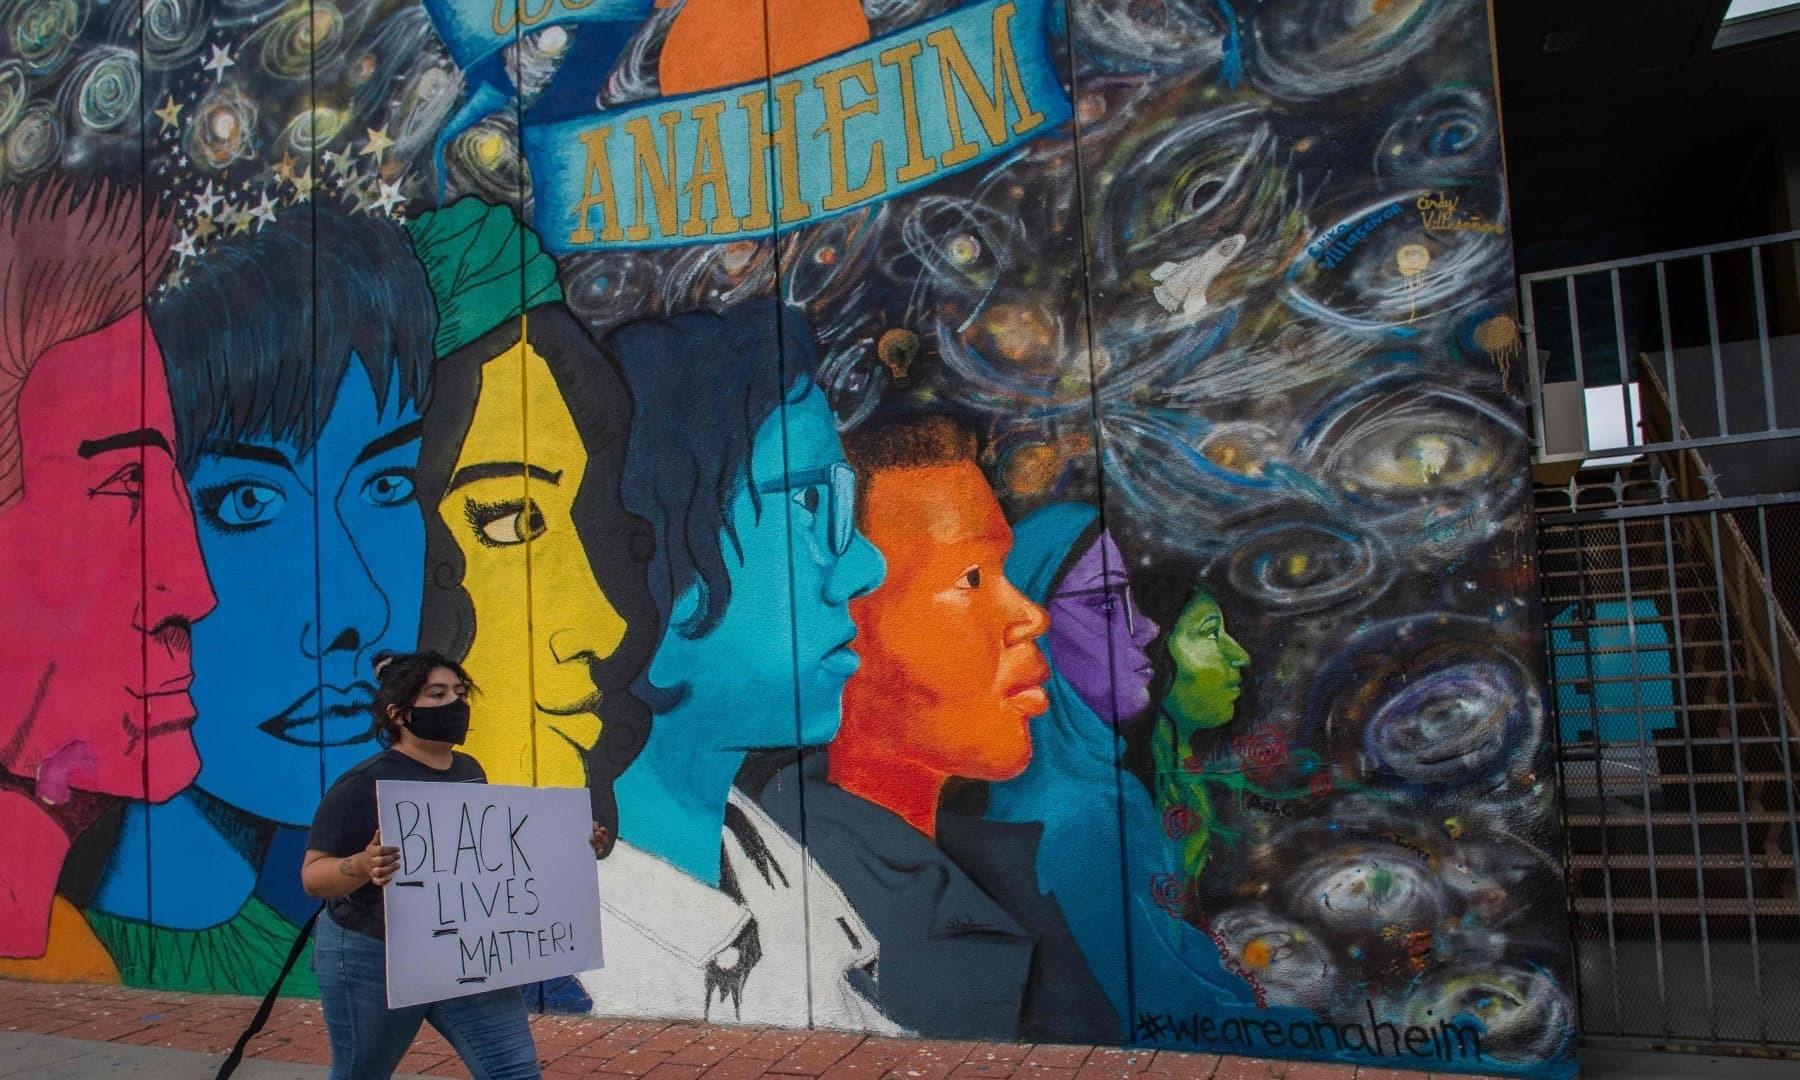 کیلیفورنیا میں مظاہرے کے دوران مارچ میں شریک خاتون نے پلے کارڈ اٹھایا ہوا ہے— فوٹو: اے ایف پی